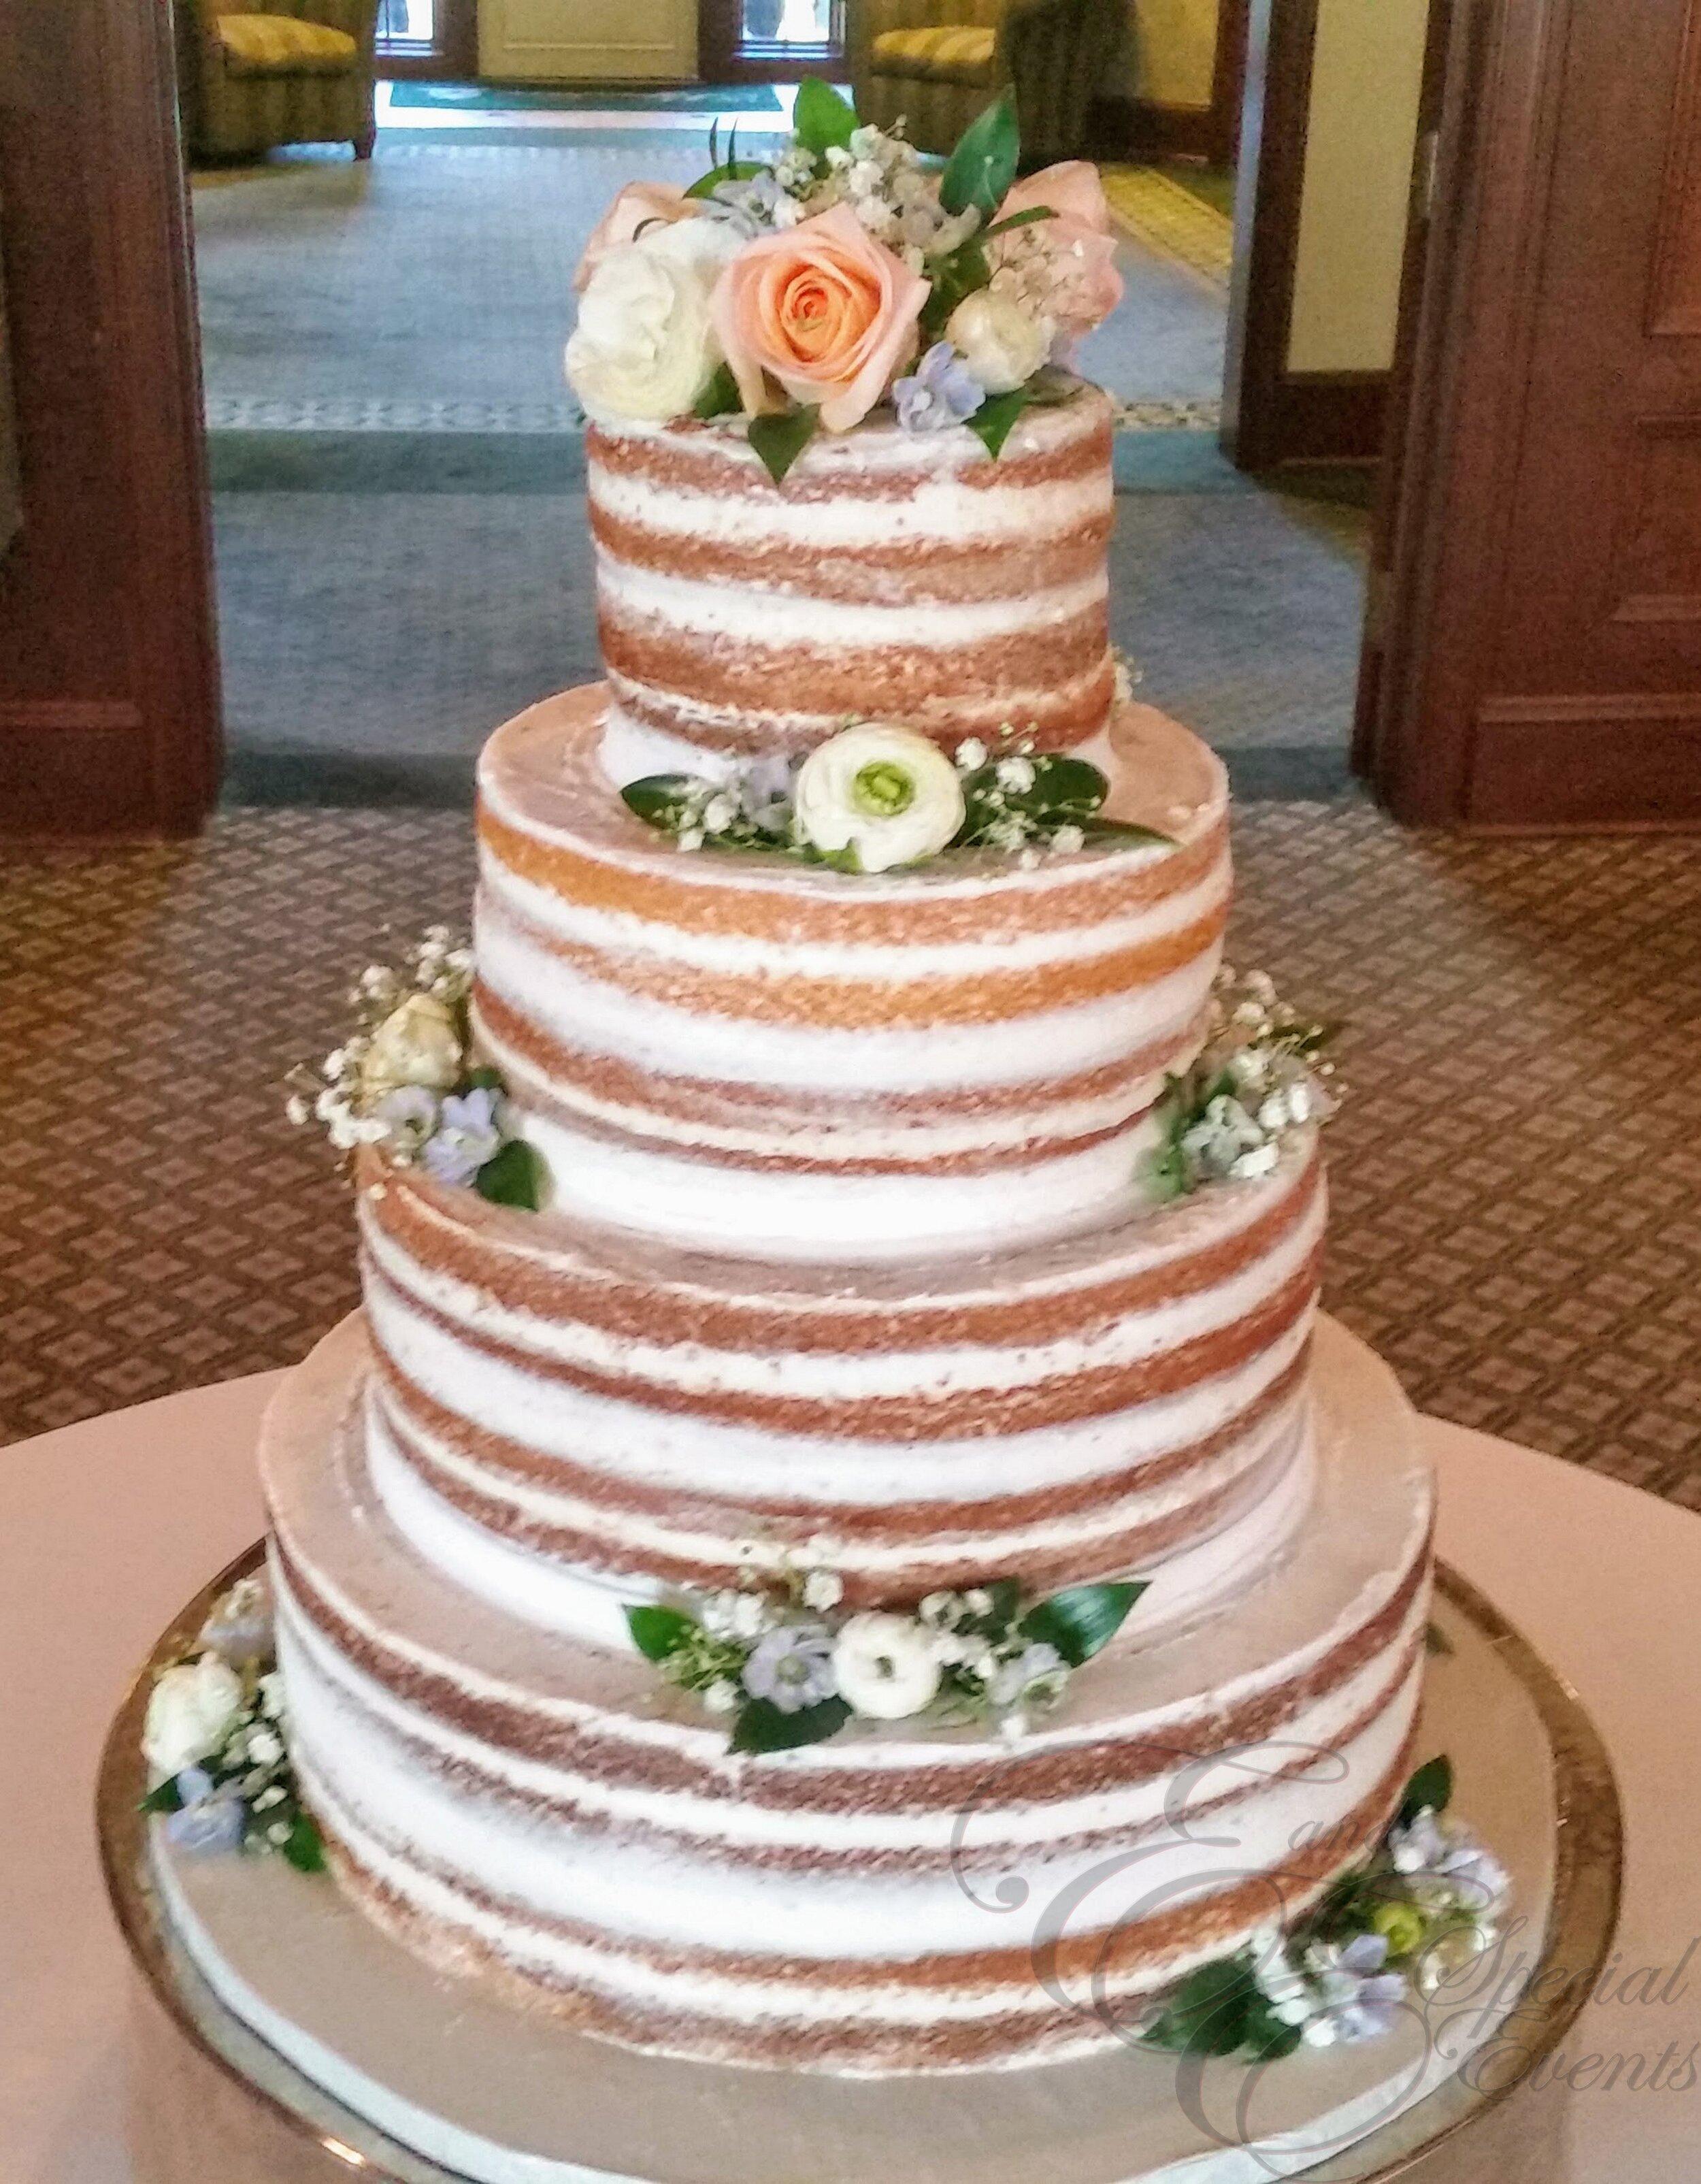 wedding_cakes_E_and_E_Special_Events_virginia_beach_39.jpg